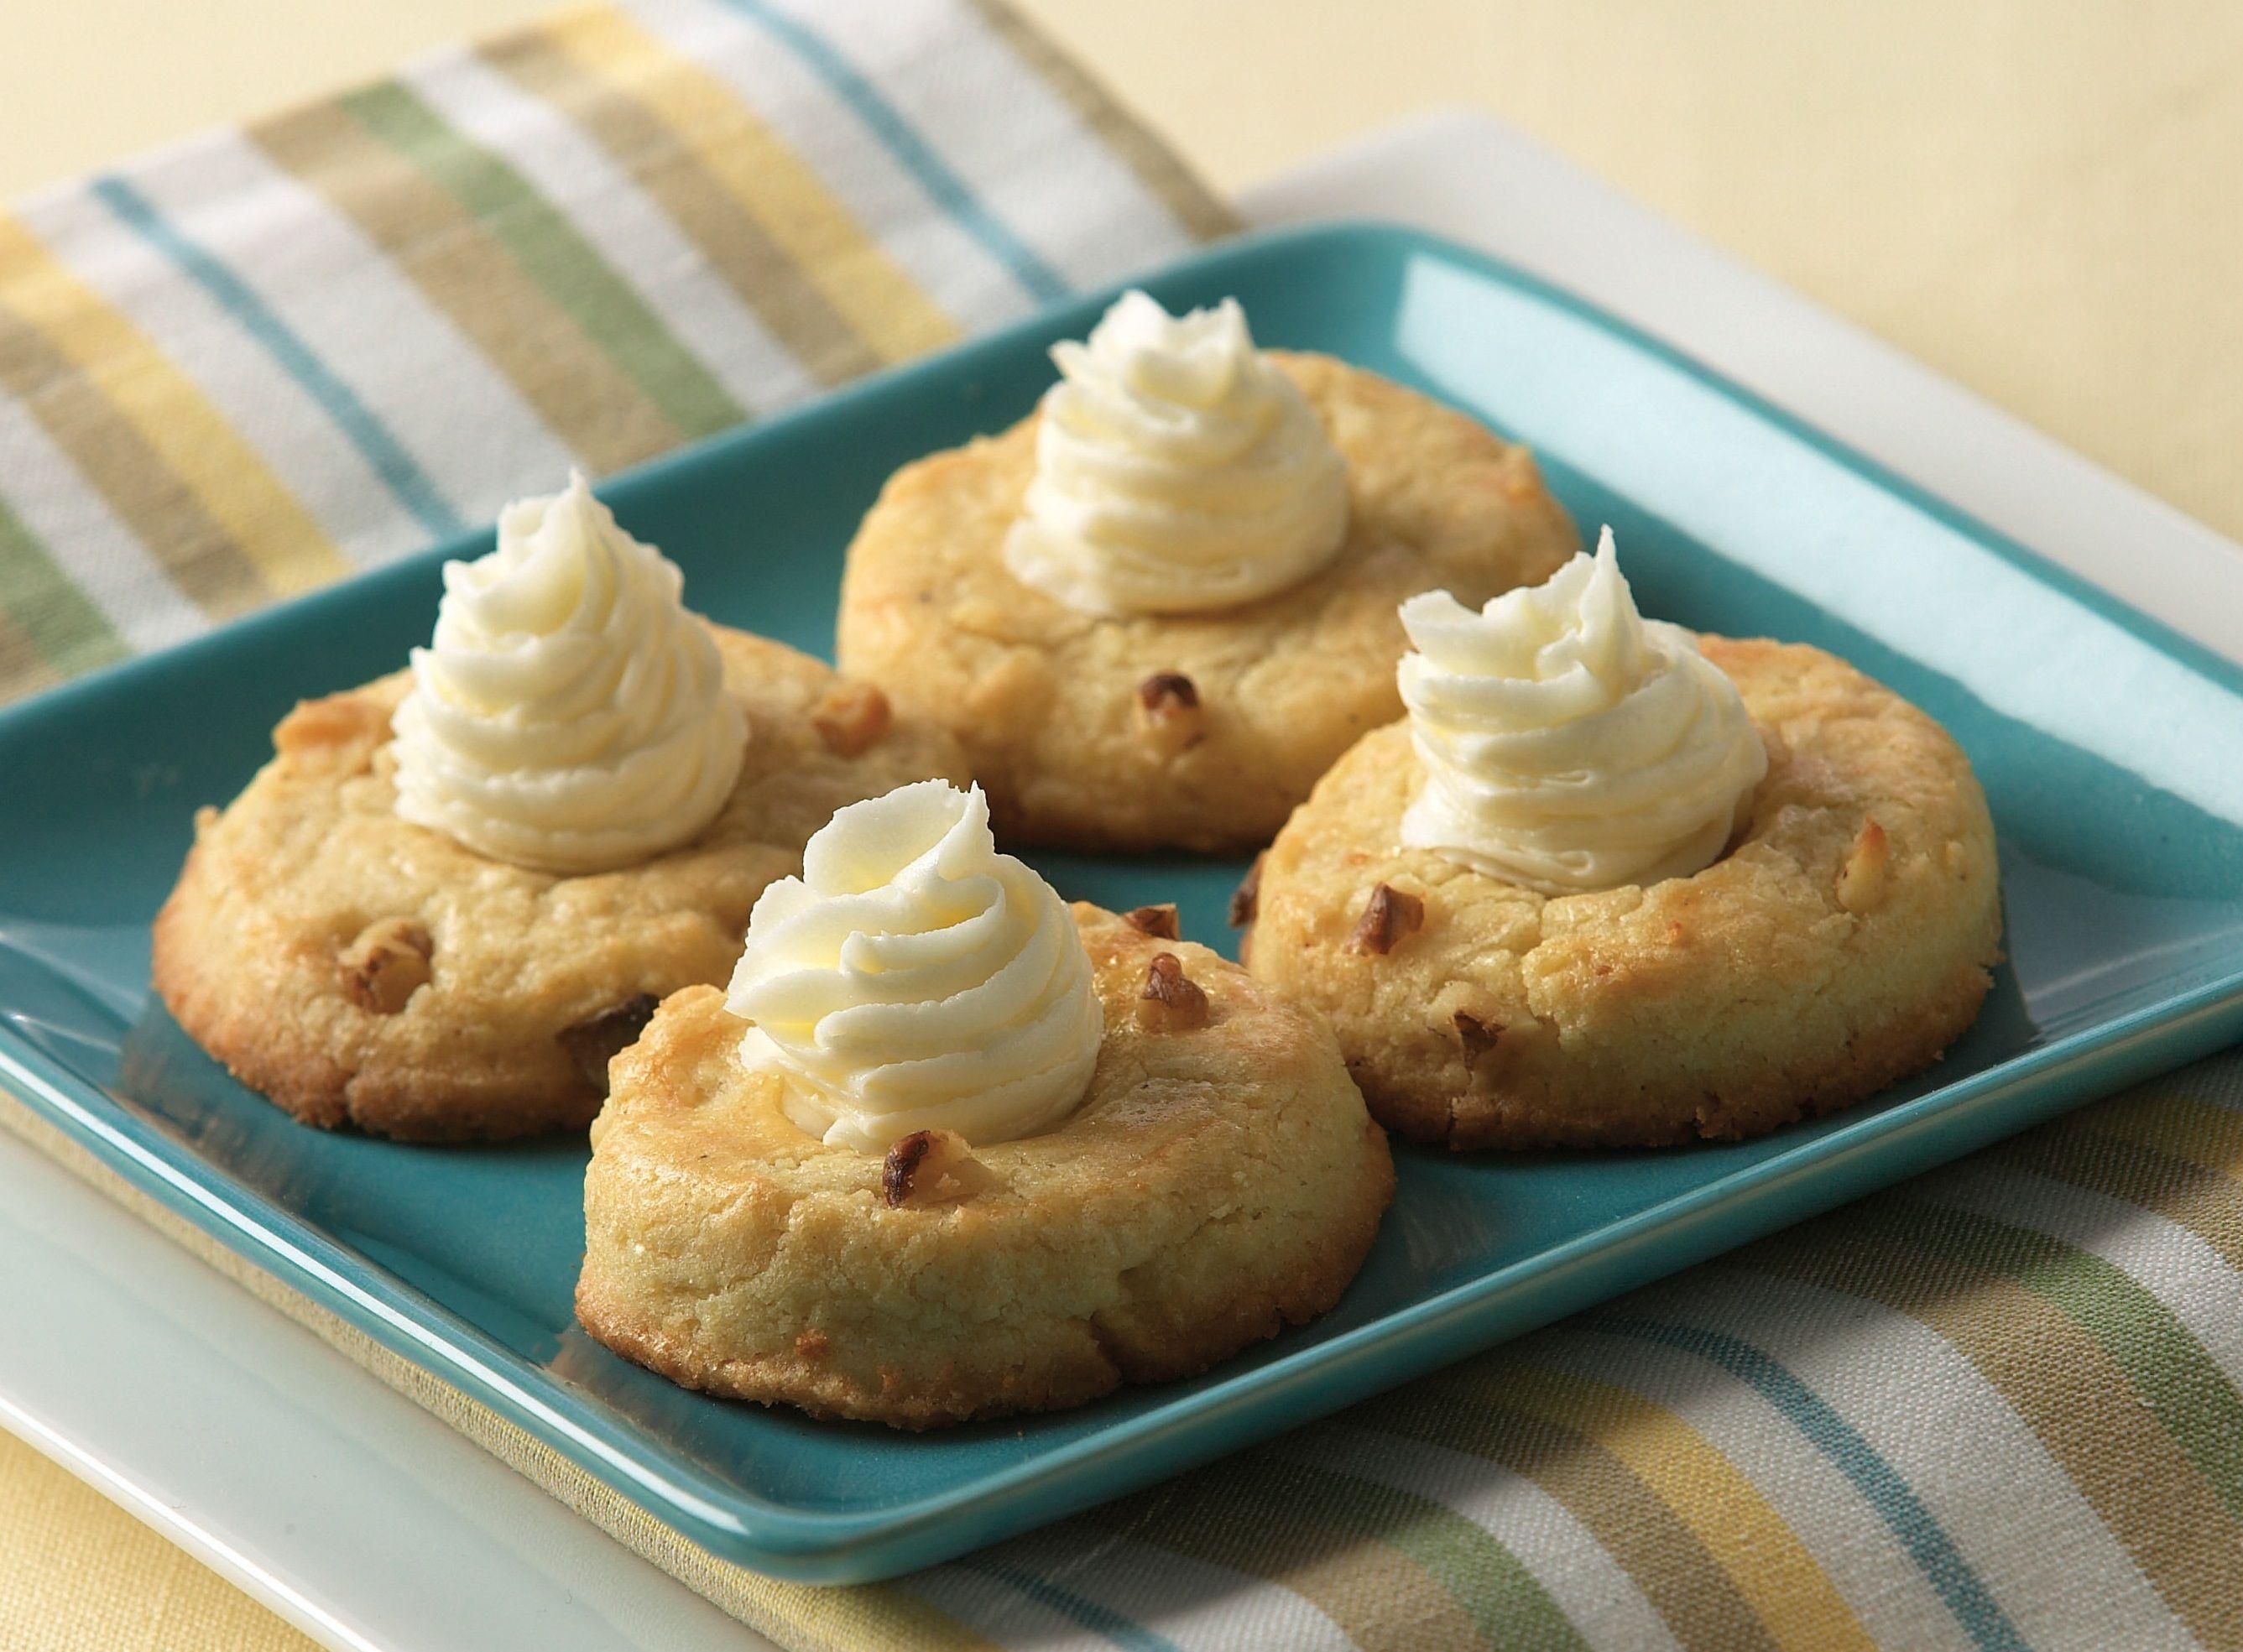 Eggnog Thumbprint Cookies Recipe Recipes Thumbprint Cookies Thumbprint Cookies Recipe